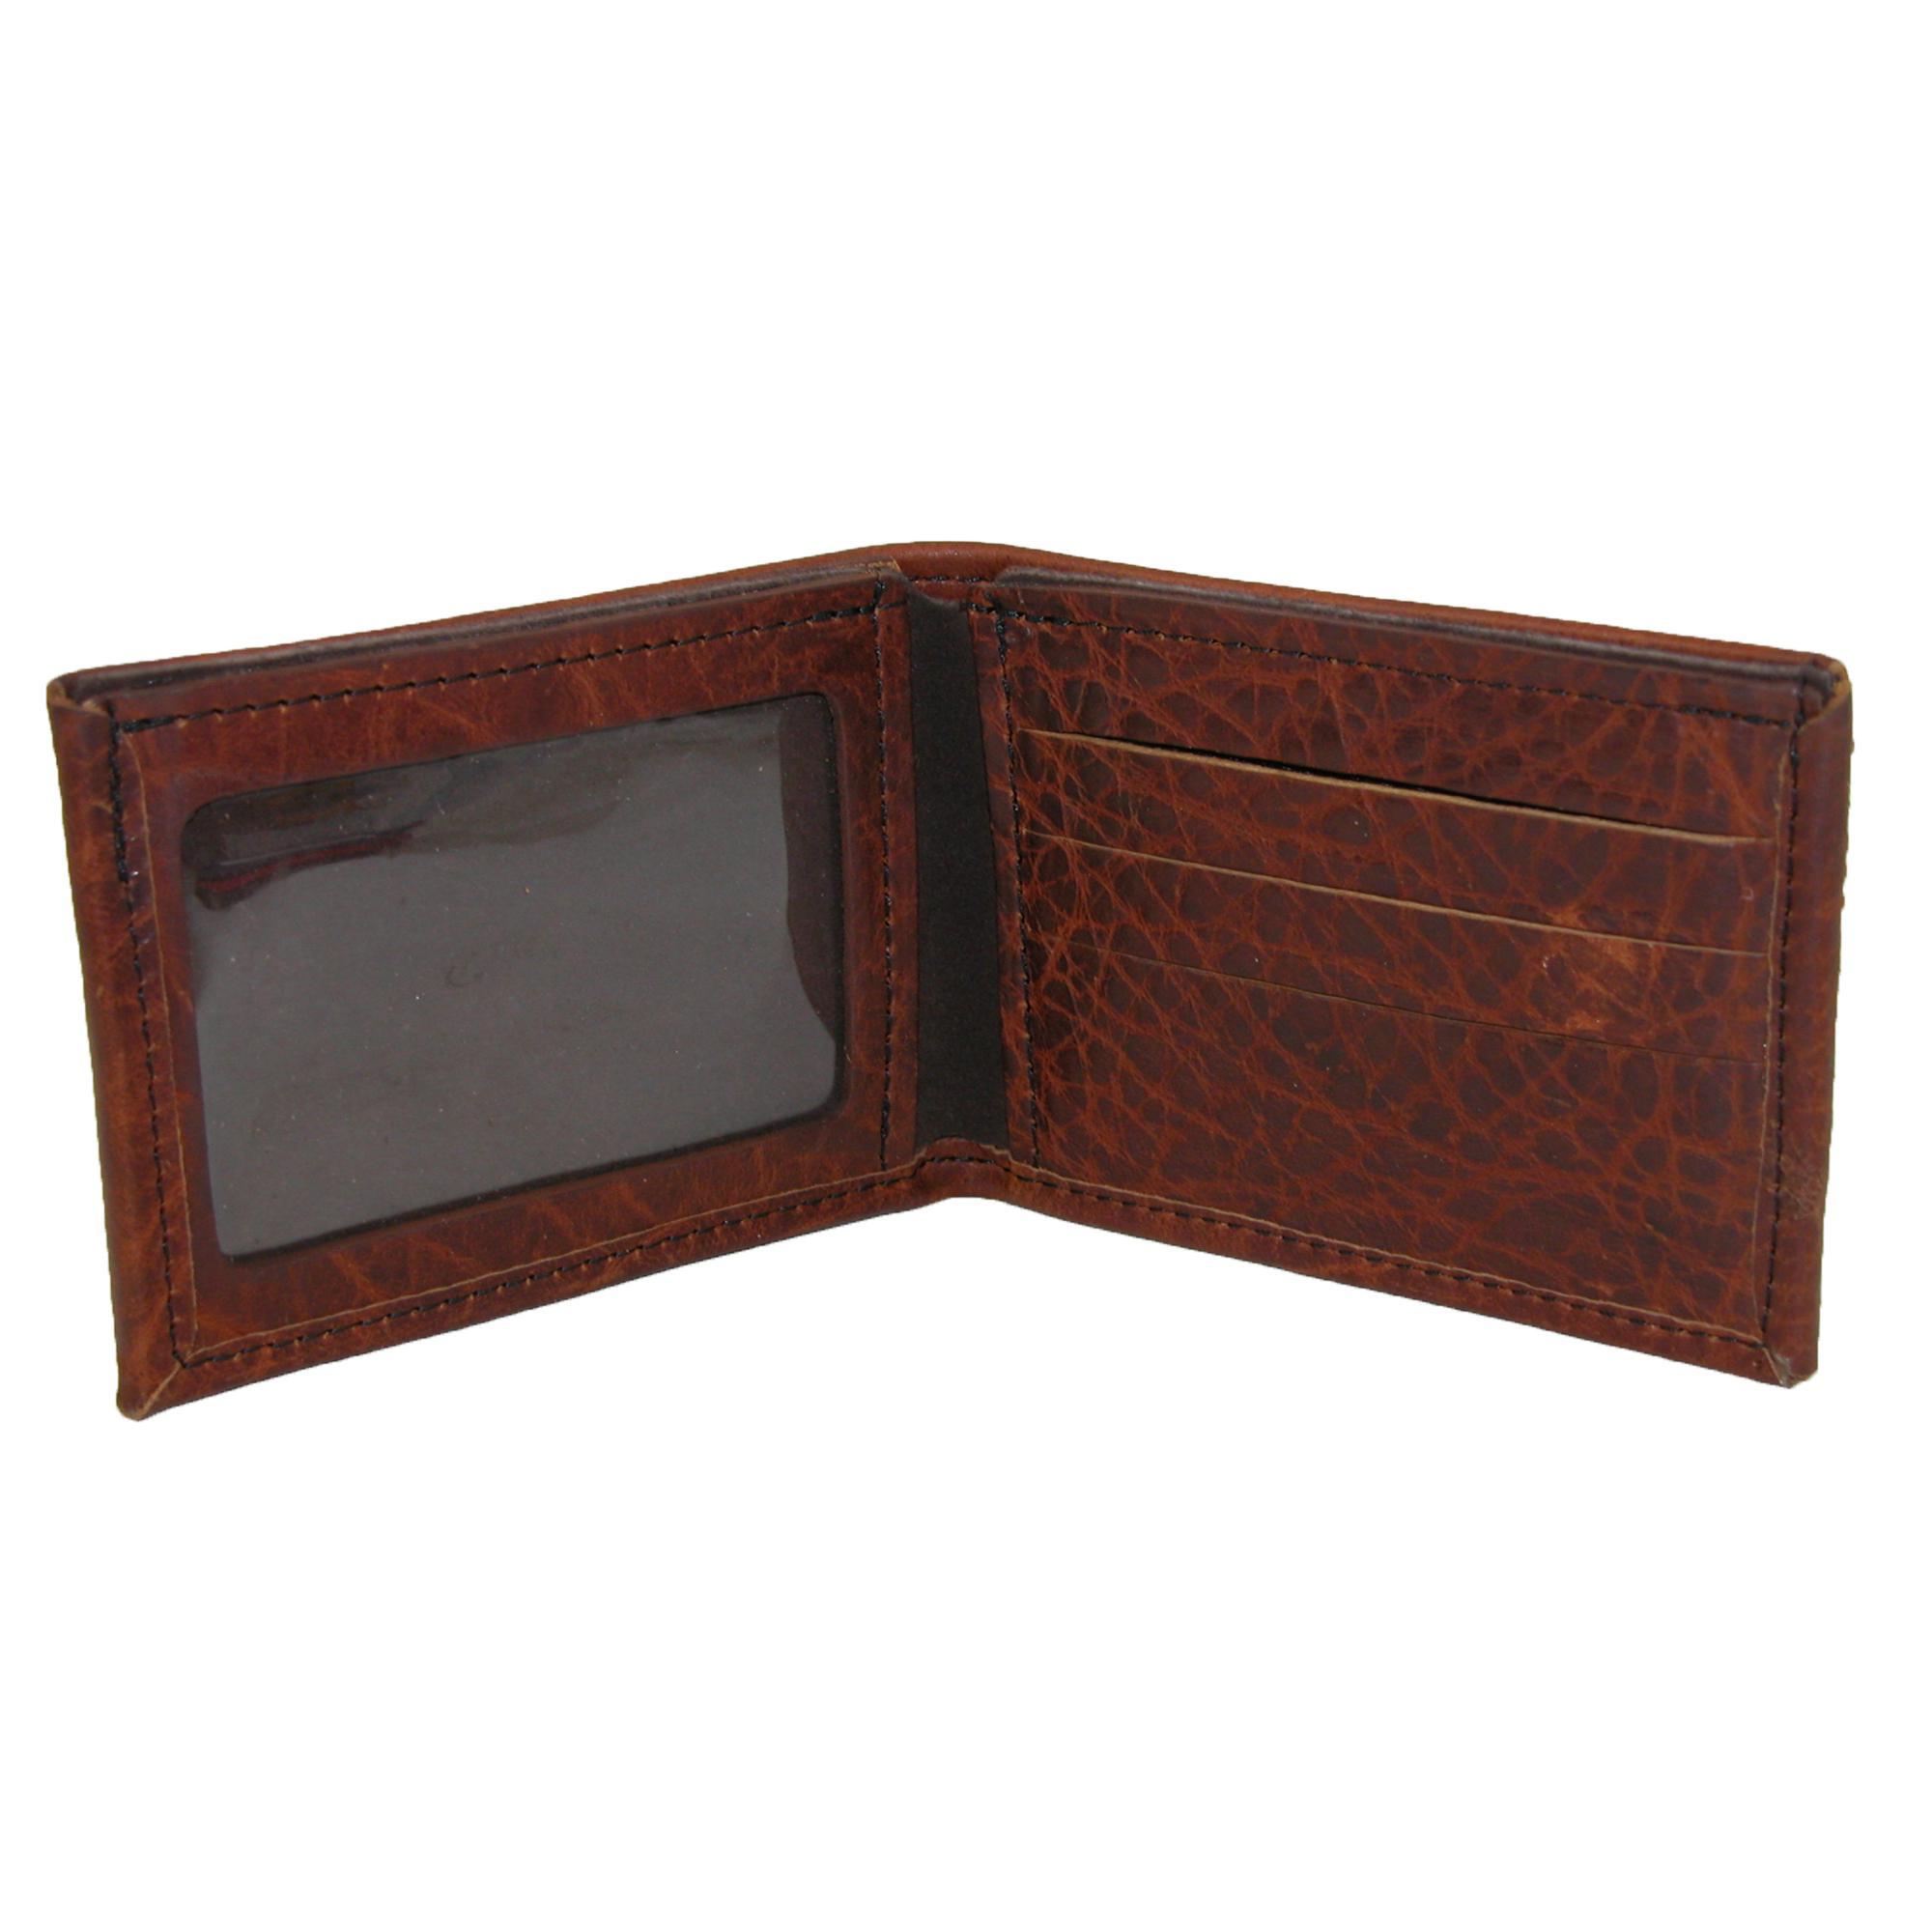 Nouveau-Boston-Leather-Men-039-s-Texture-Cuir-Bison-Portefeuille-Portefeuille miniature 4